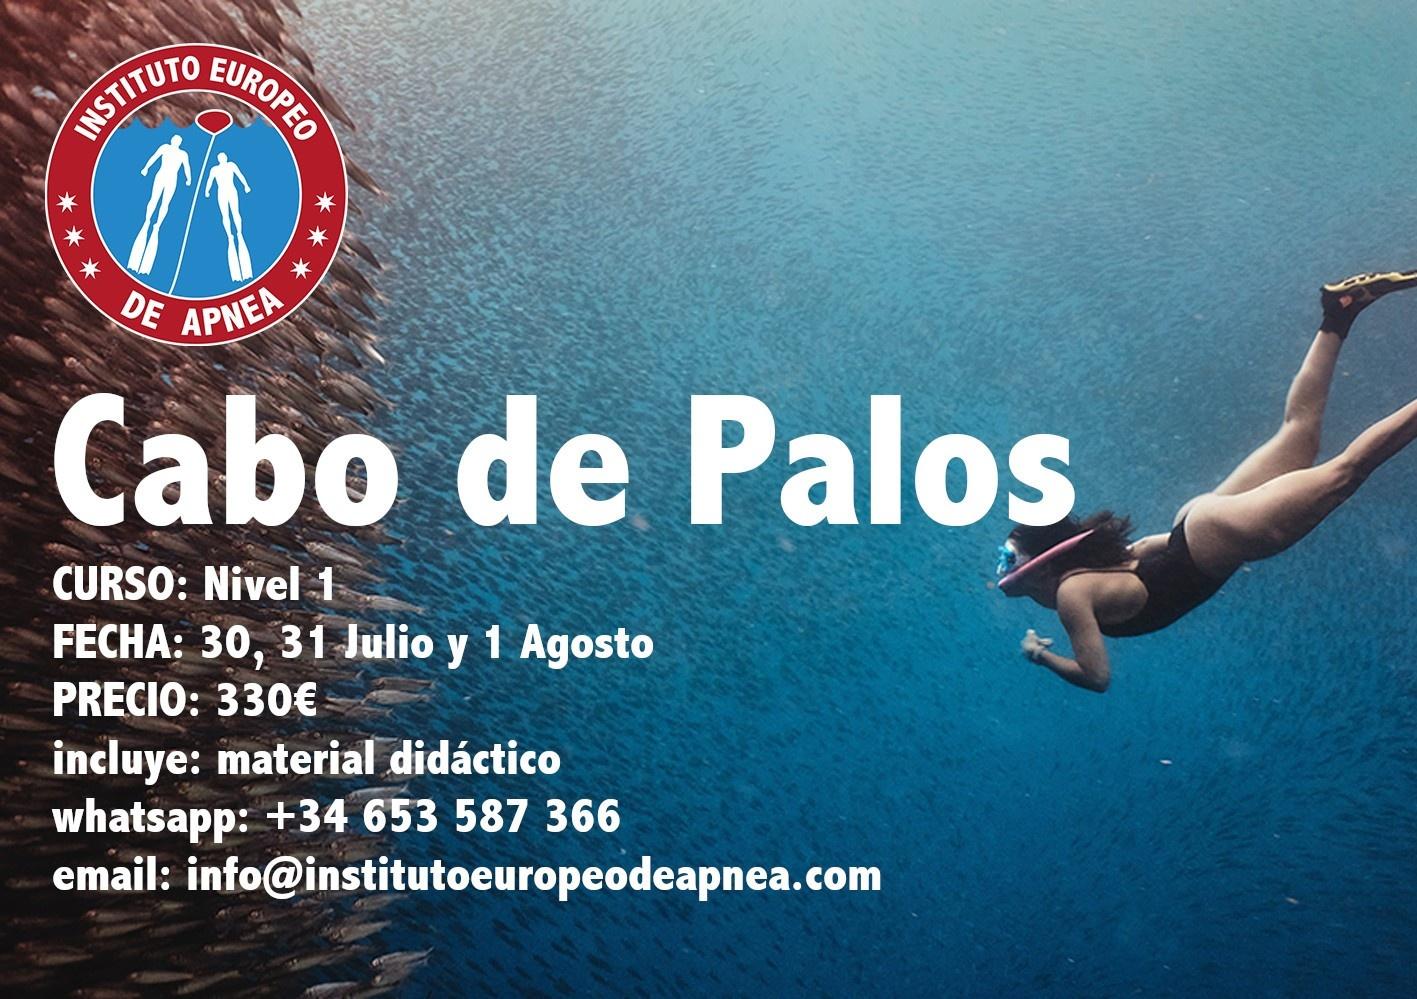 Curso de apnea en Murcia - Cabo de Palos